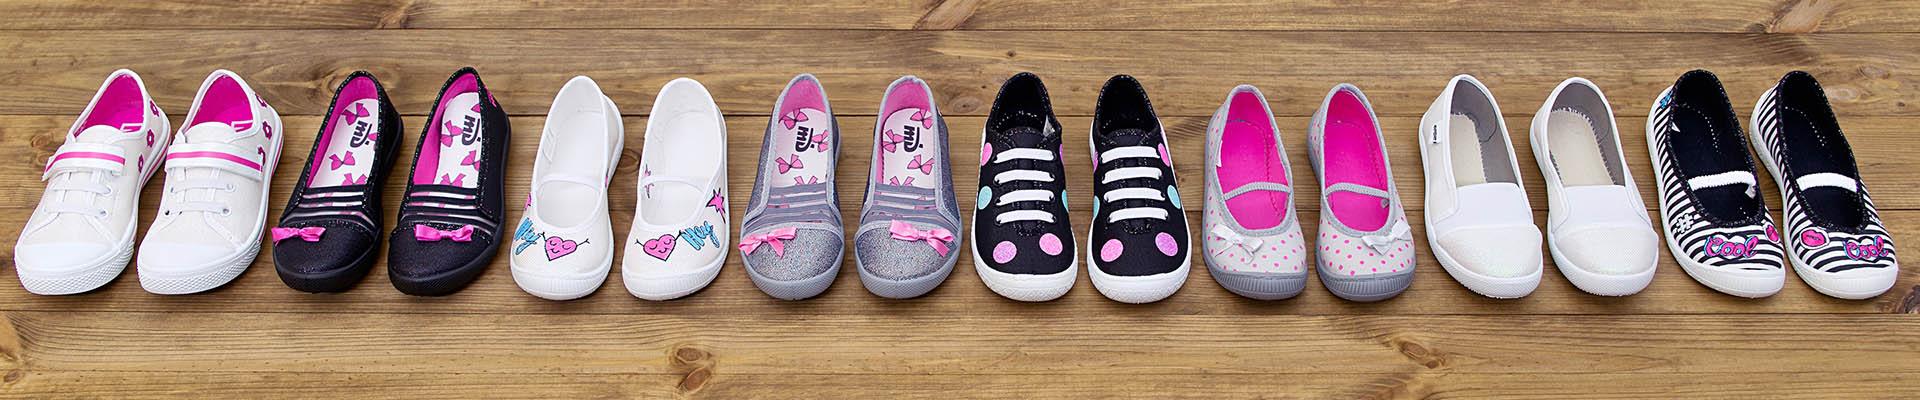 Buty sportowe, do szkoły i na spacer, sandałki dla dzieci